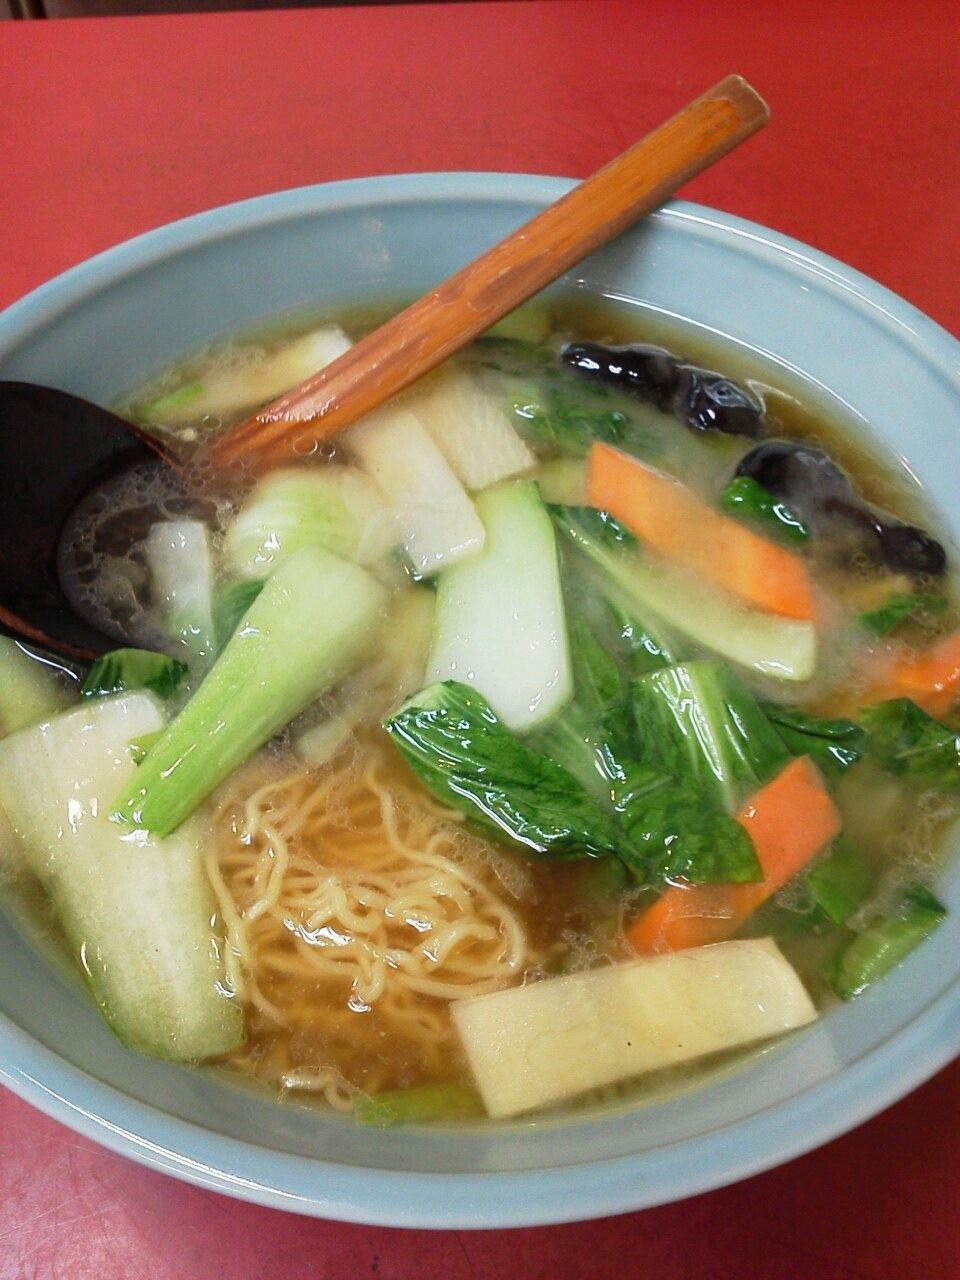 山水楼の青菜麺でつ。青菜、ニンジン、スライス筍、キクラゲと、具は野菜のみ。なんとなくヘルシーな気分が。(´▽`) 【2012年5月8日】